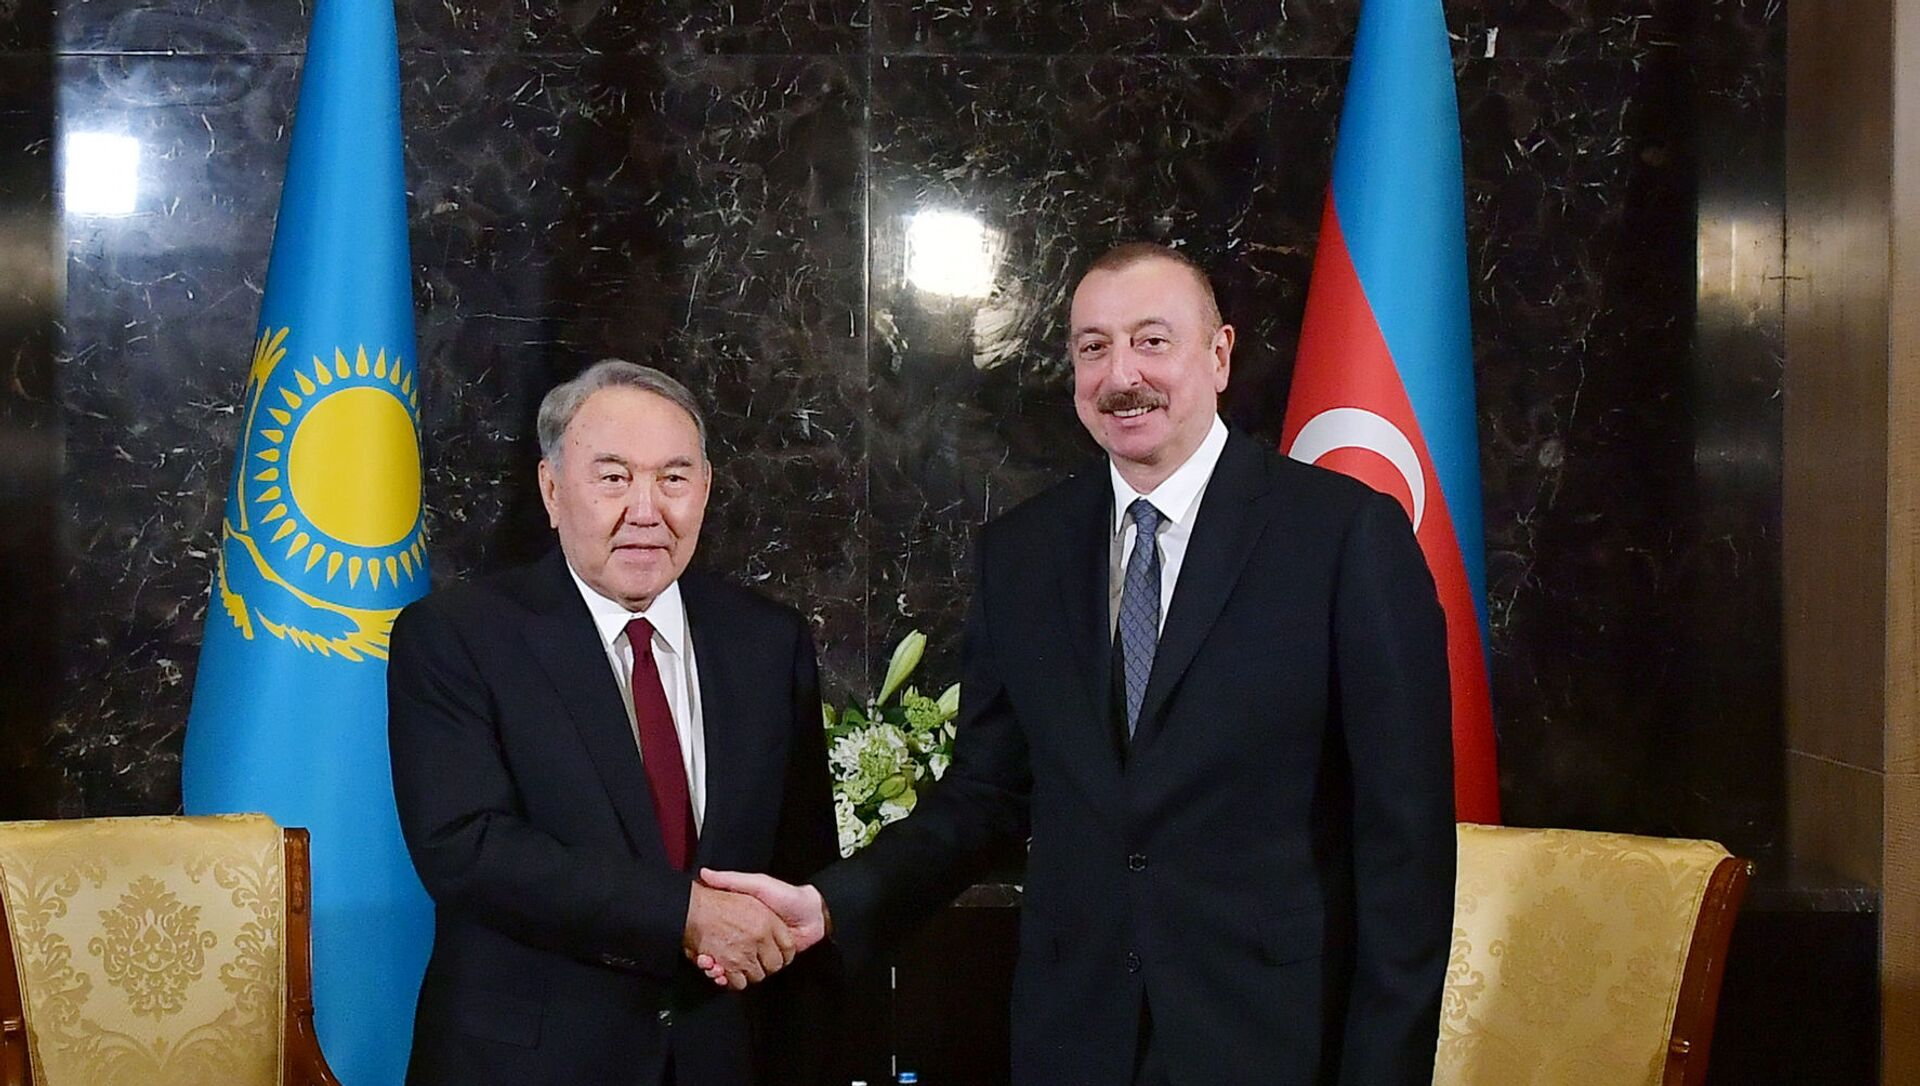 İlham Əliyev və Nursultan Nazarbayev - Sputnik Azərbaycan, 1920, 06.07.2021